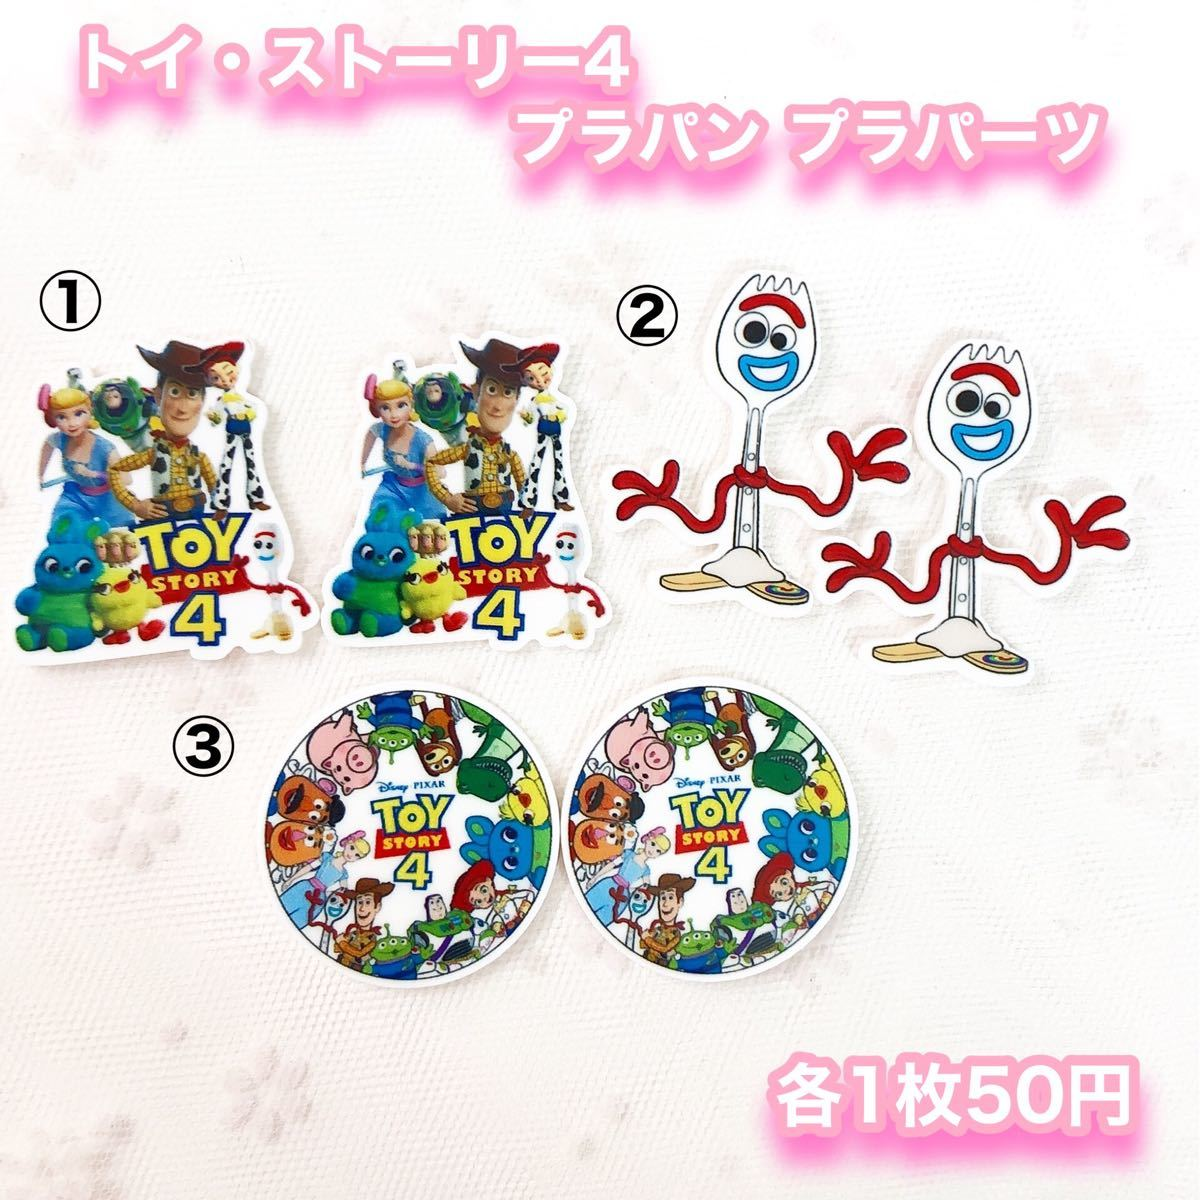 鬼滅の刃 ディズニー プラパーツ デコパーツ プラ版 オーダー 1枚50円